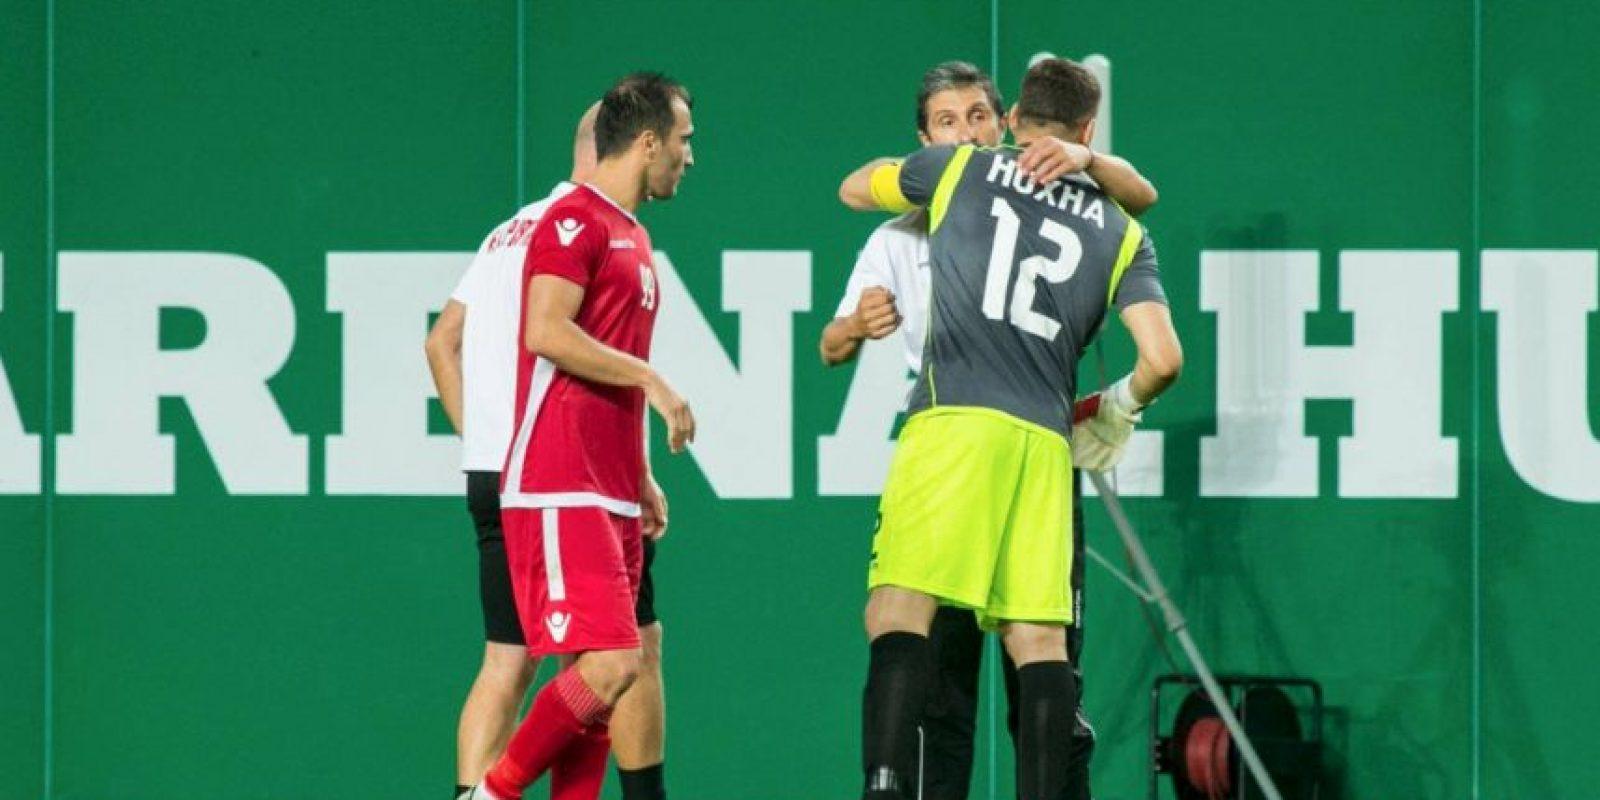 Gracias a su gran actuación, Partizani pudo avanzar otra ronda más en la fase clasificatoria Foto:Facebook Partizani